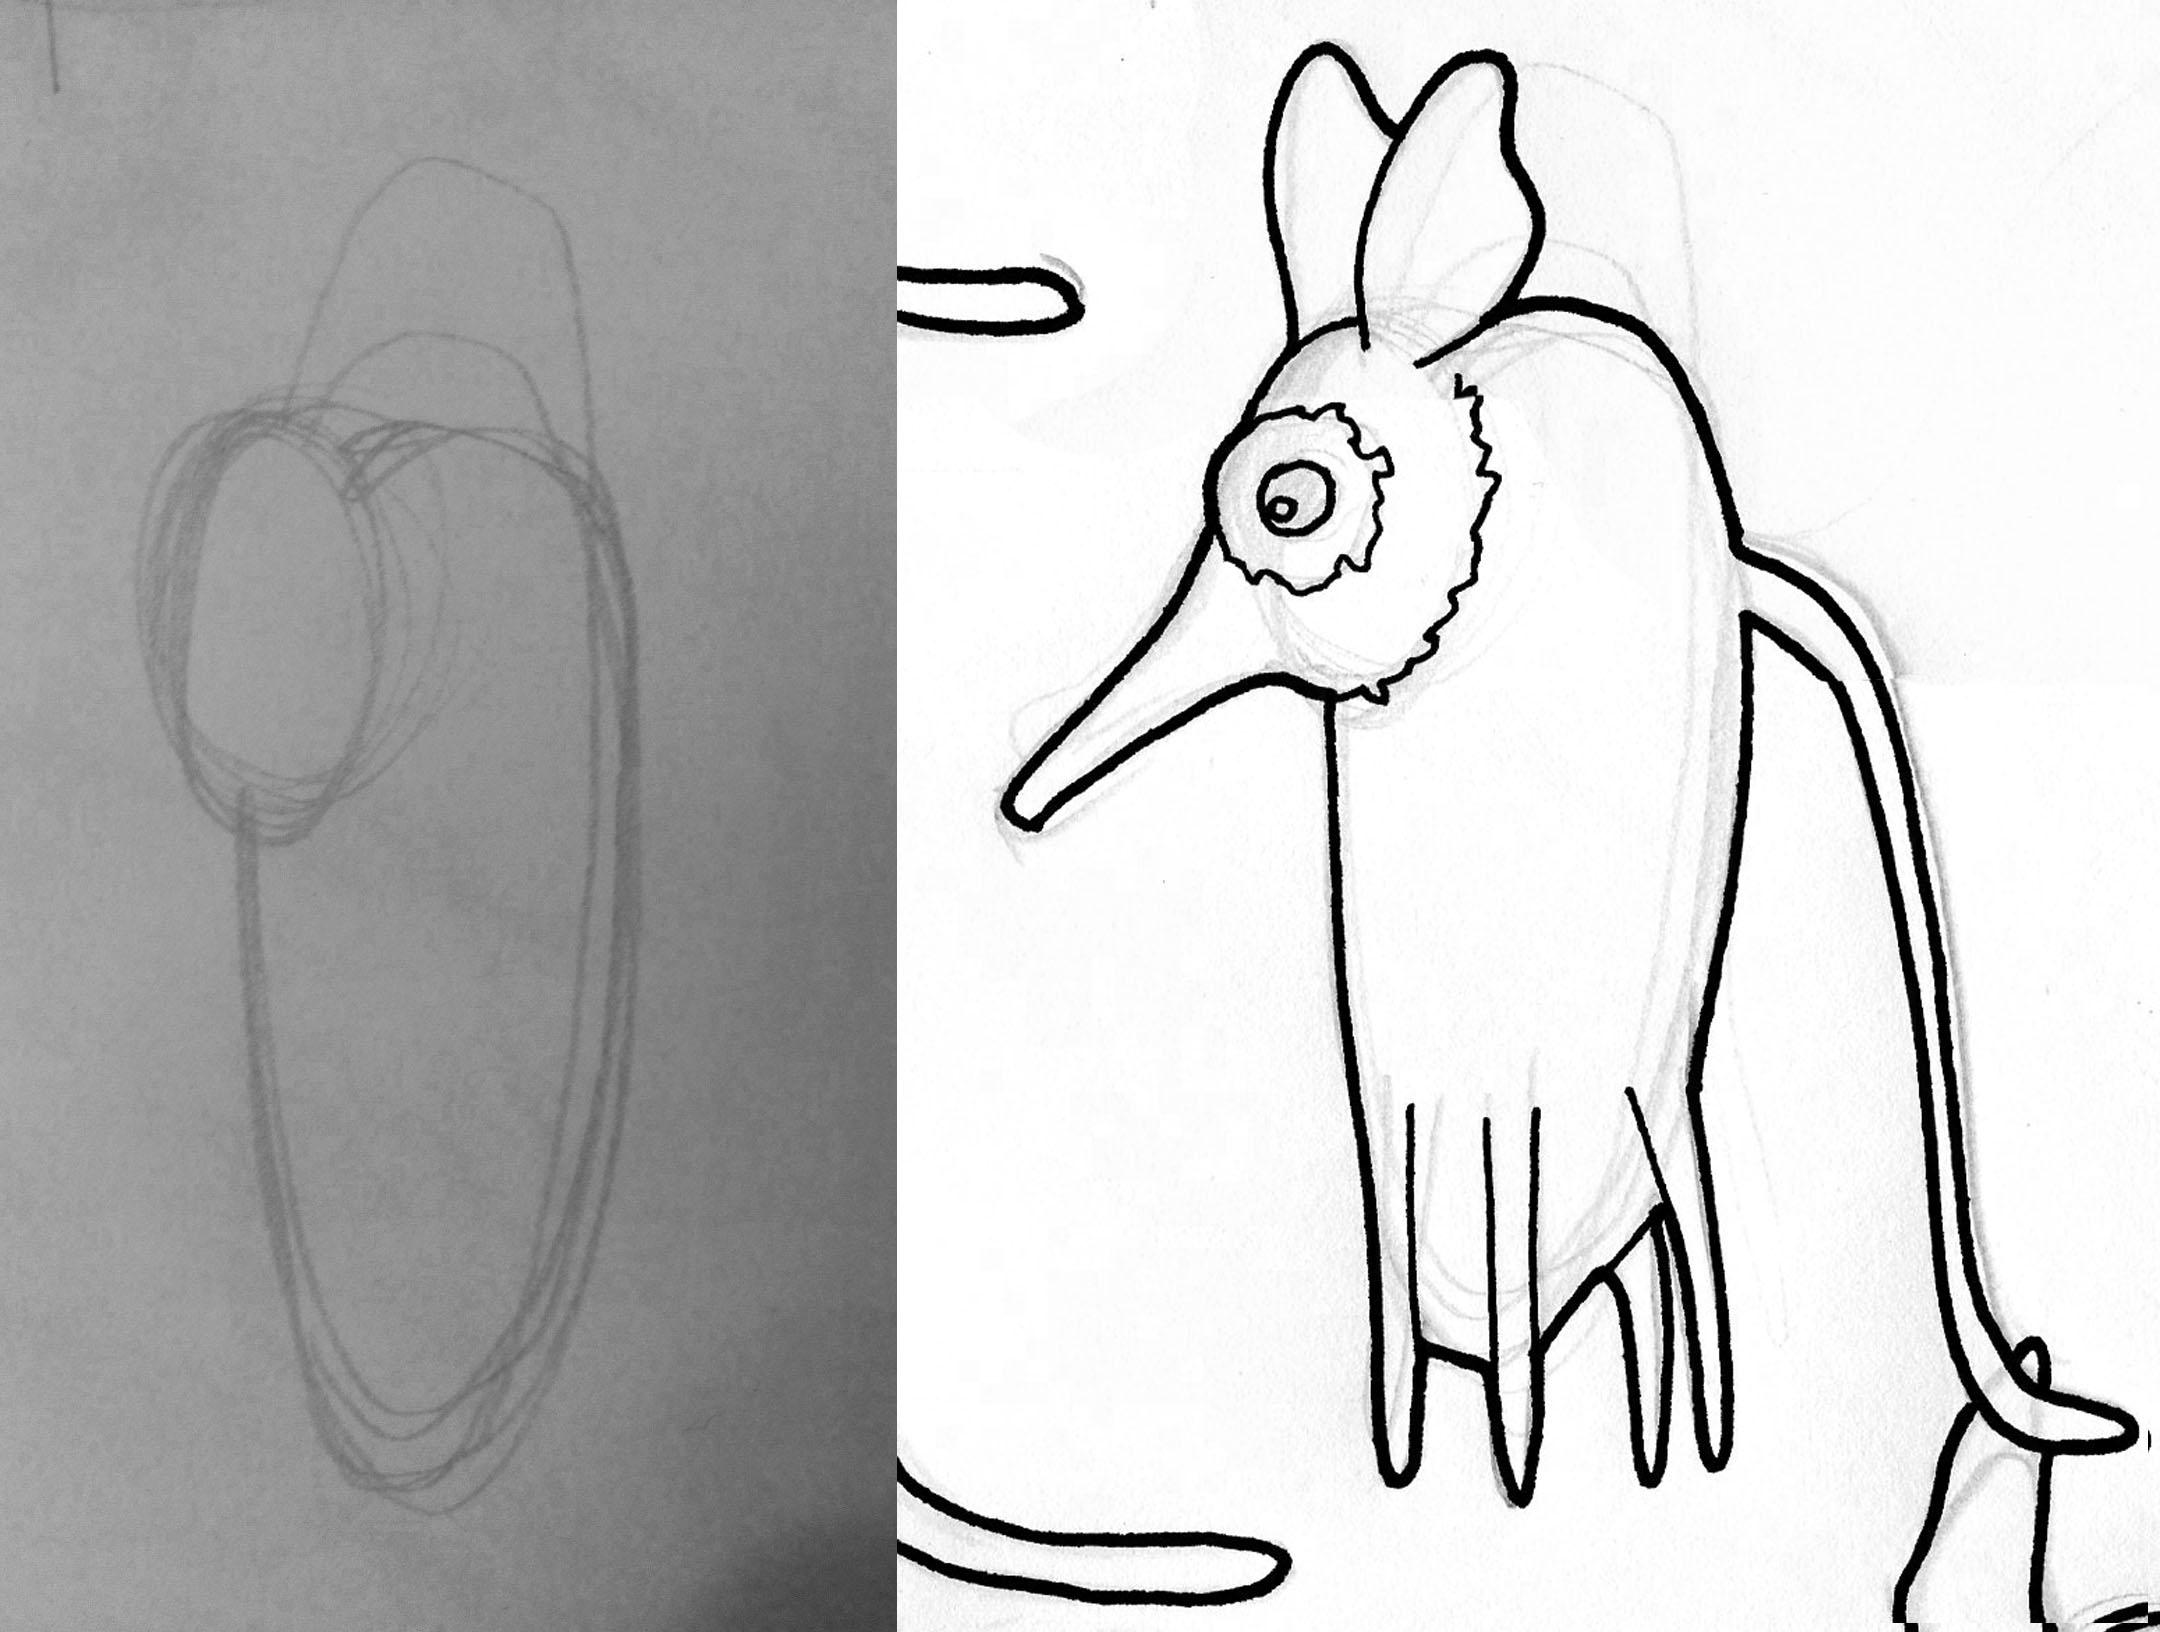 2160x1632 How To Draw A Shrew Lafbok